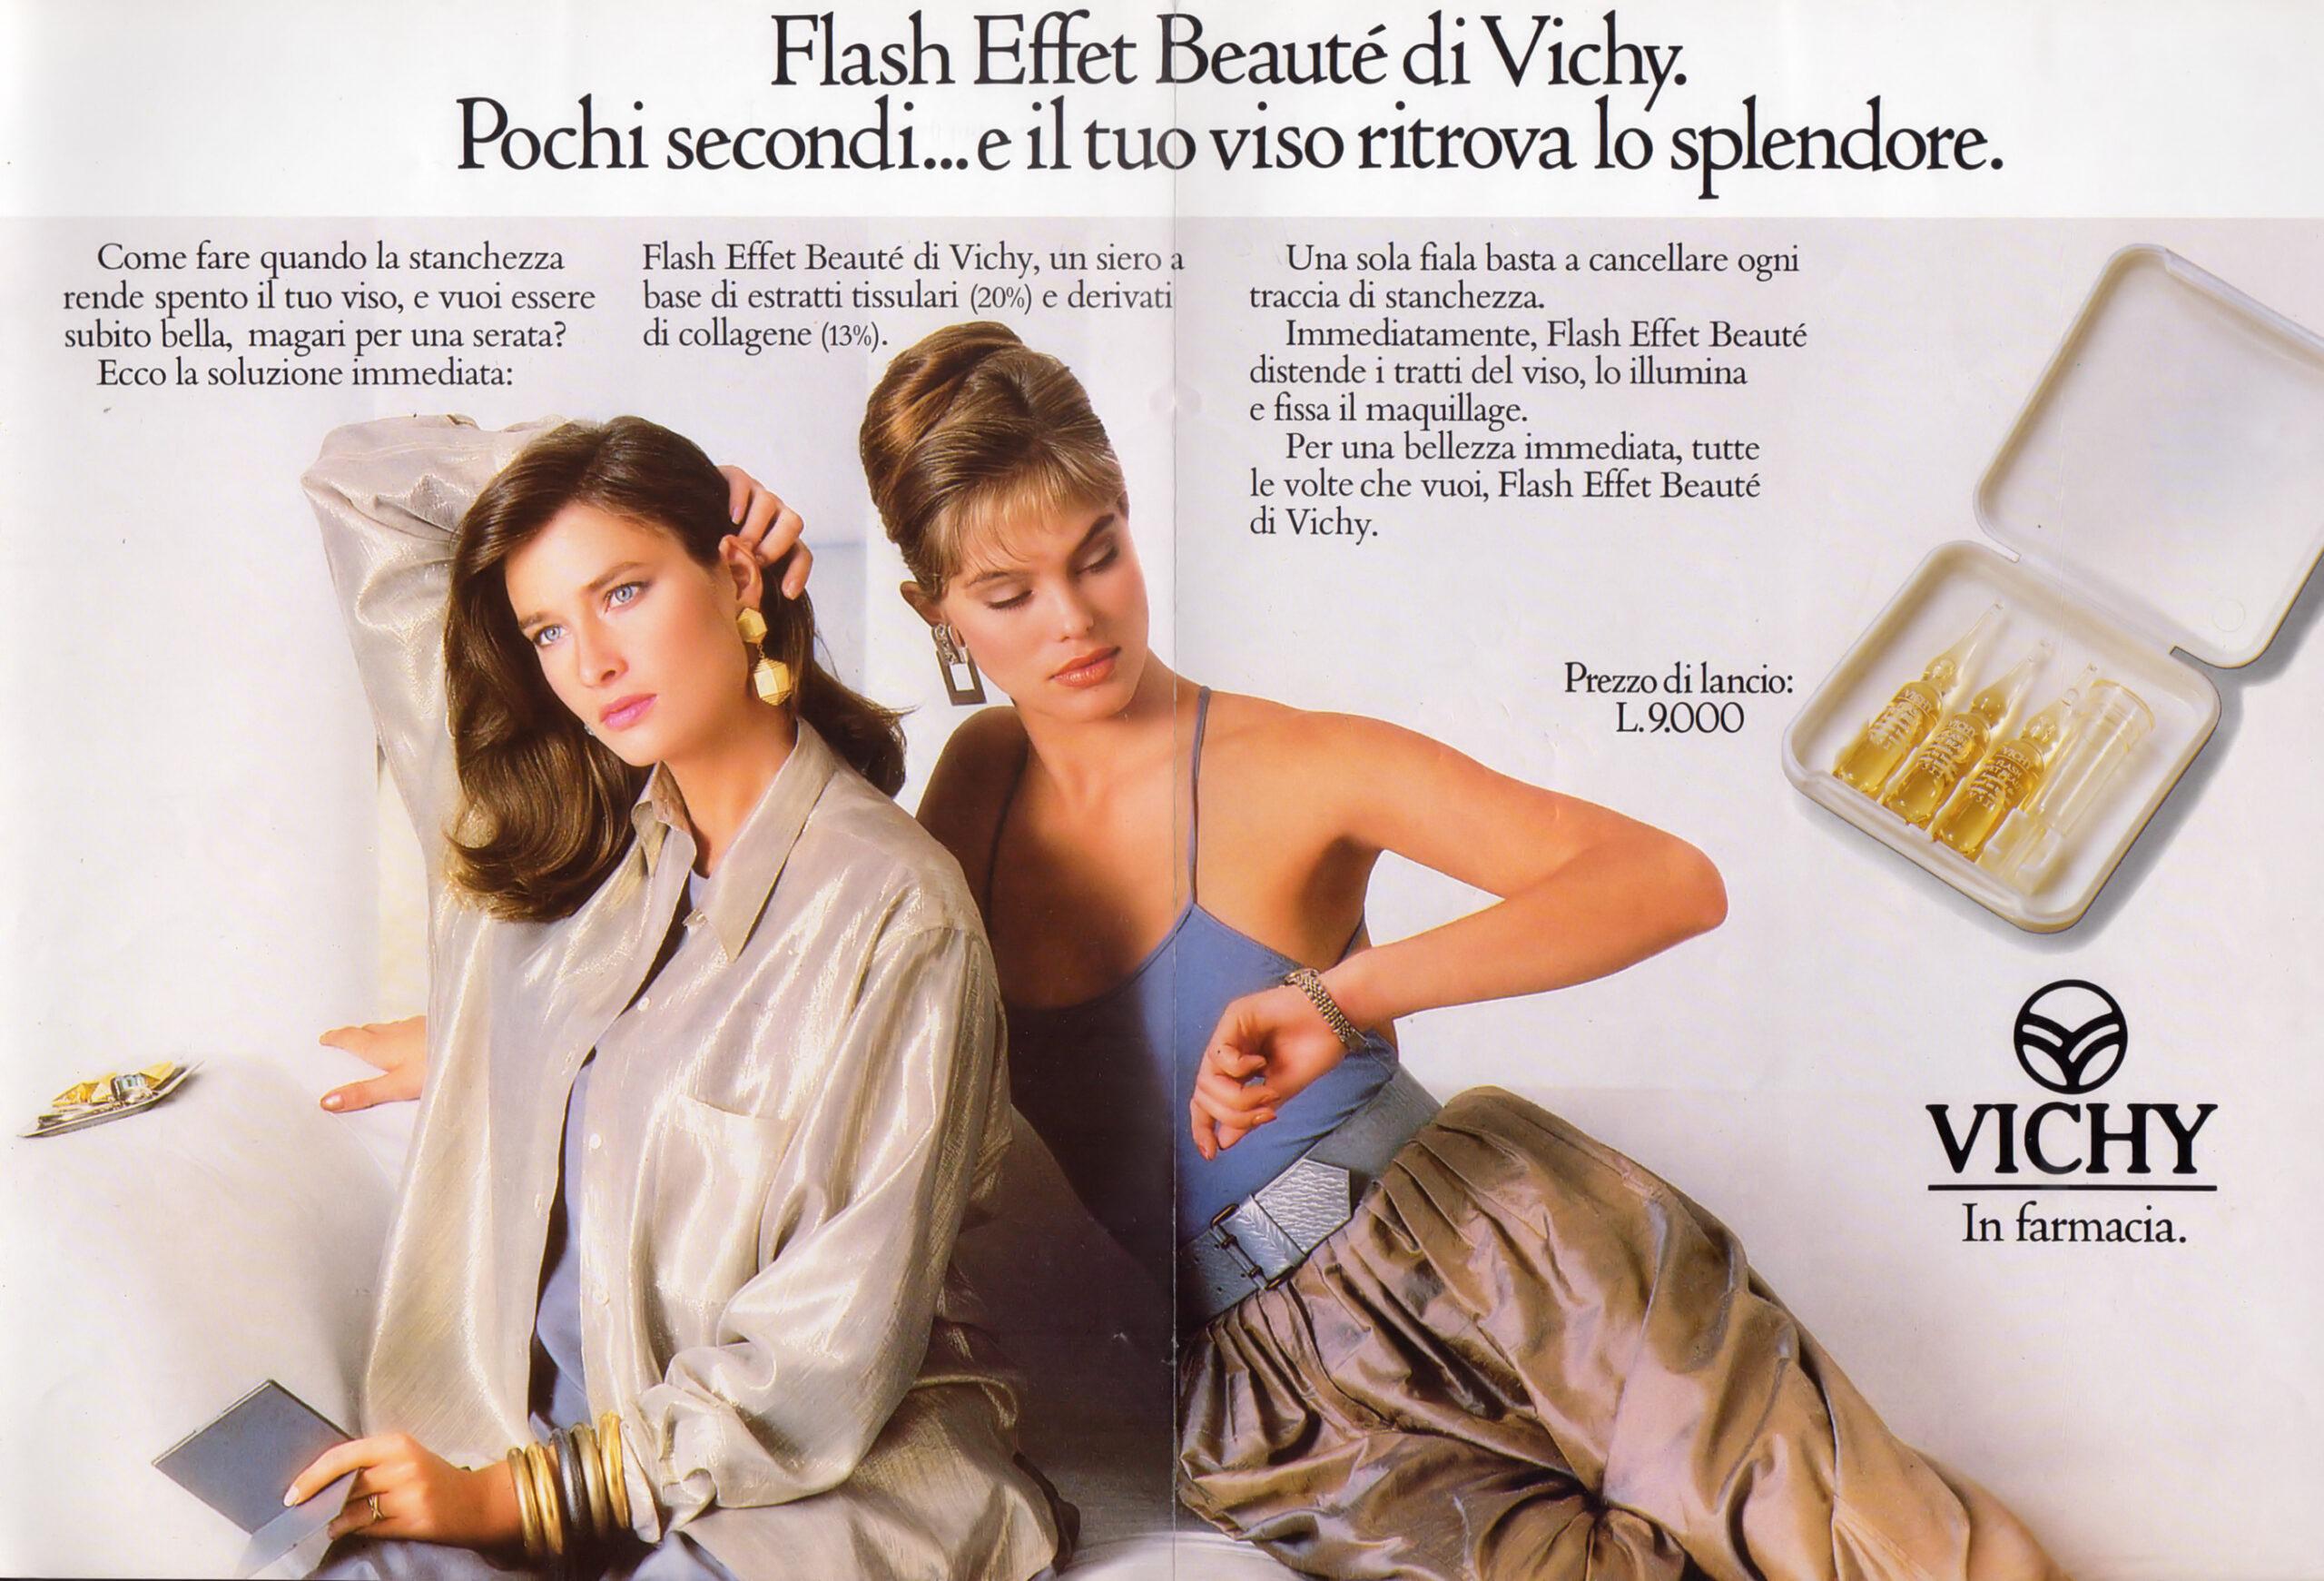 Người mẫu nổi tiếng Rosemary McGrotha trở thành gương mặt đại diện cho Vichy năm 1988